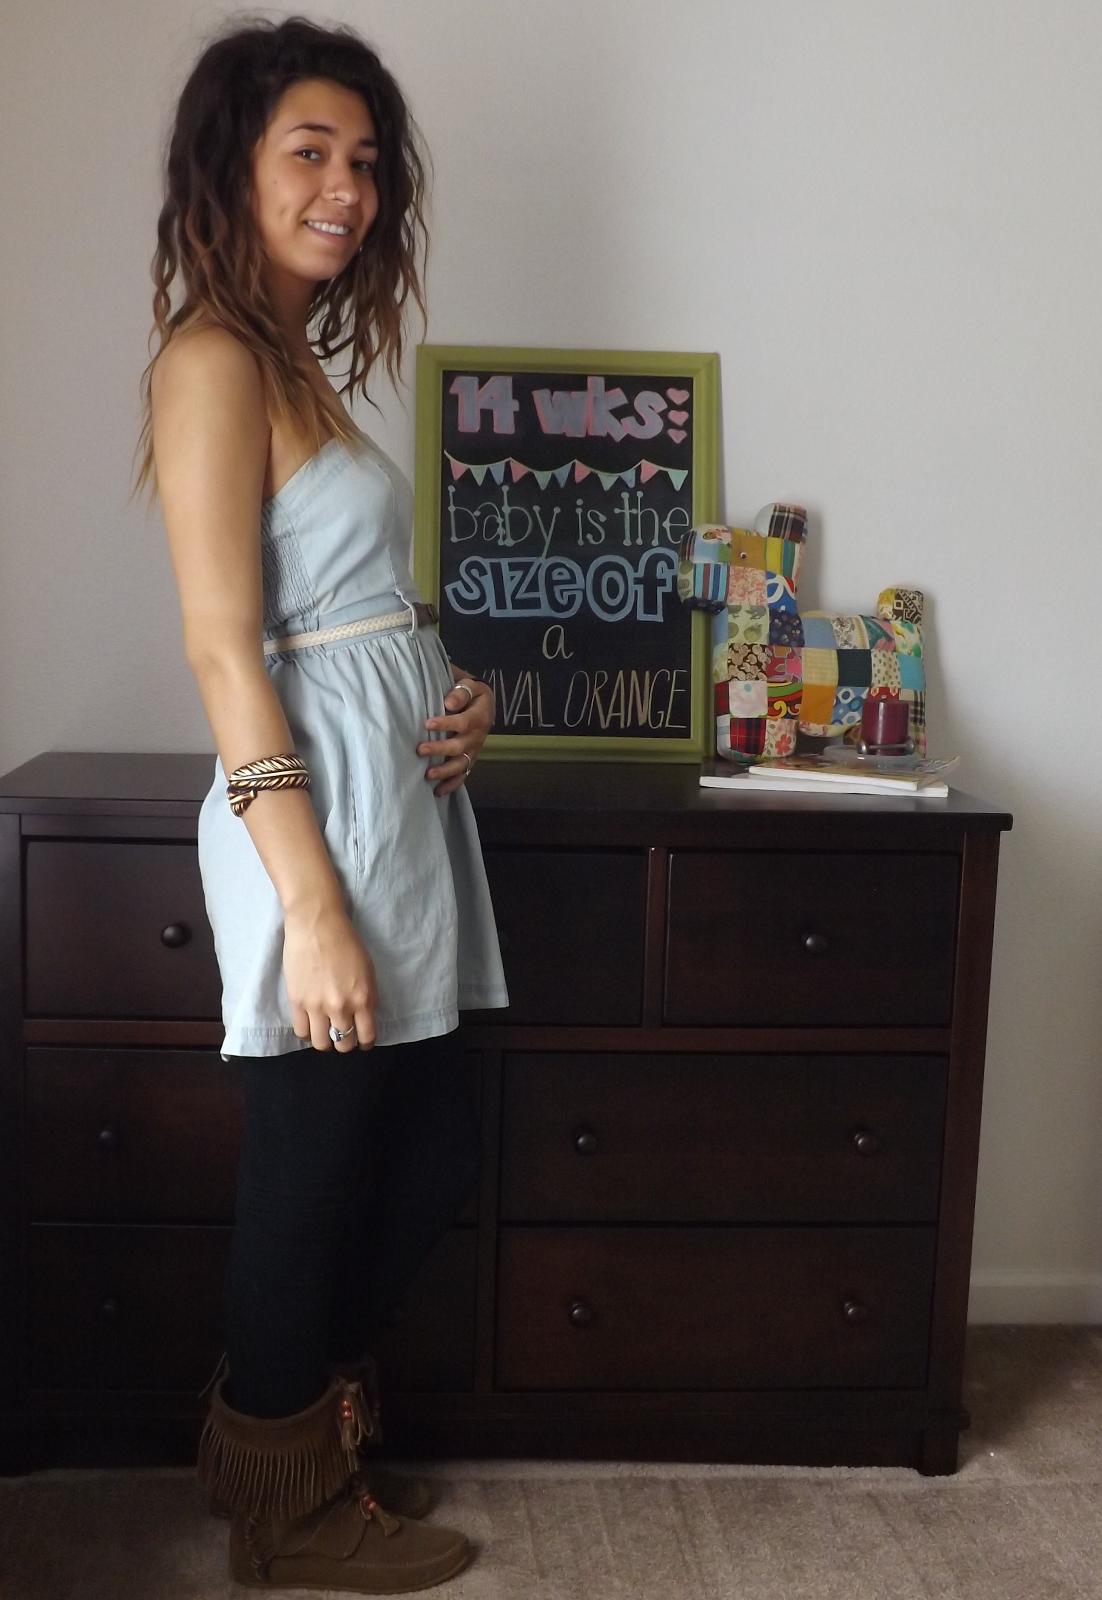 Baby Baker: 14 Weeks #babybaker #ourbabybaker @Brenna Renn Baker #pregnancyblog #nursery